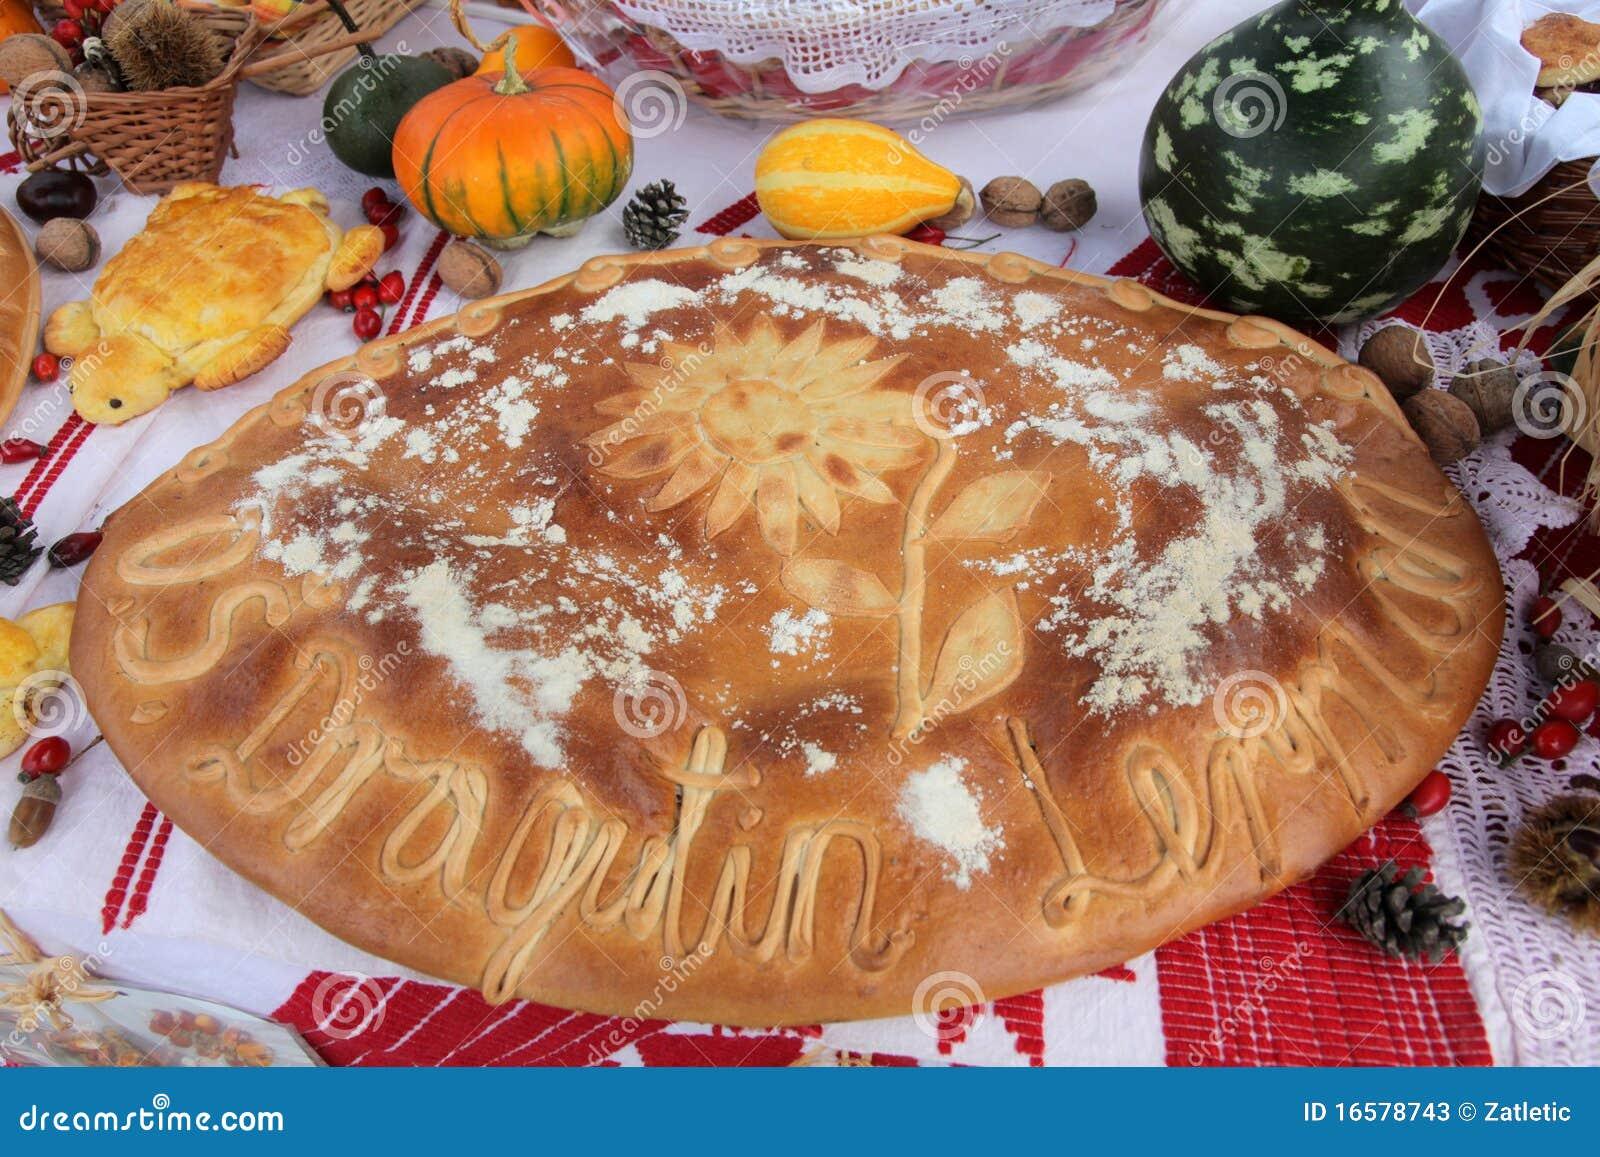 Delicious homemade christmas bread stock photos image 16578743 - Make delicious sweet bread christmas ...